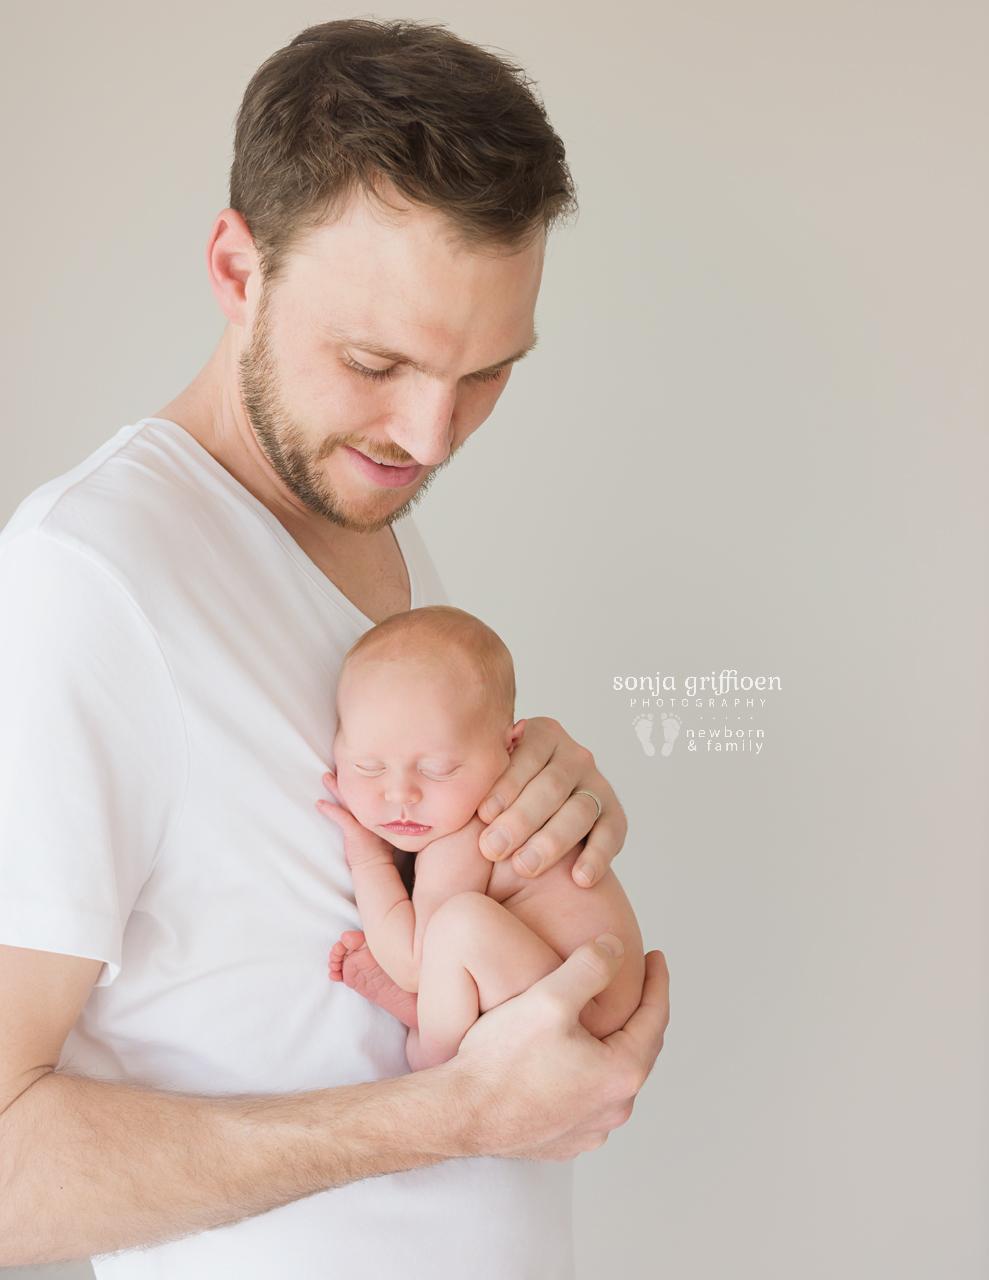 Sienna-Newborn-Brisbane-Newborn-Photographer-Sonja-Griffioen-06.jpg